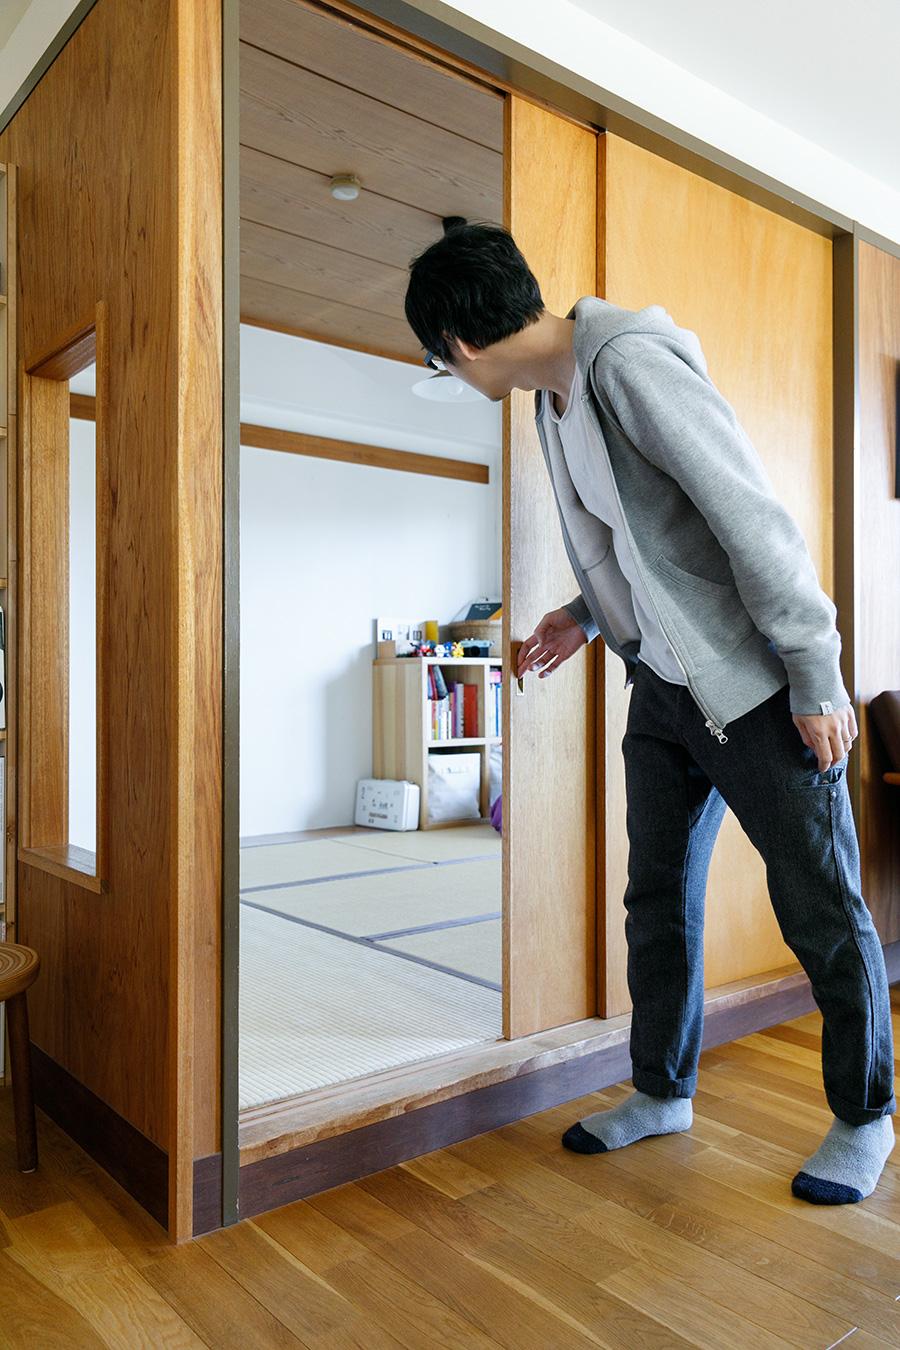 和室とリビングを仕切るのはラワンベニヤの引戸。ふだんは開け放って、広々と使っている。和室は現在寝室として使っている。